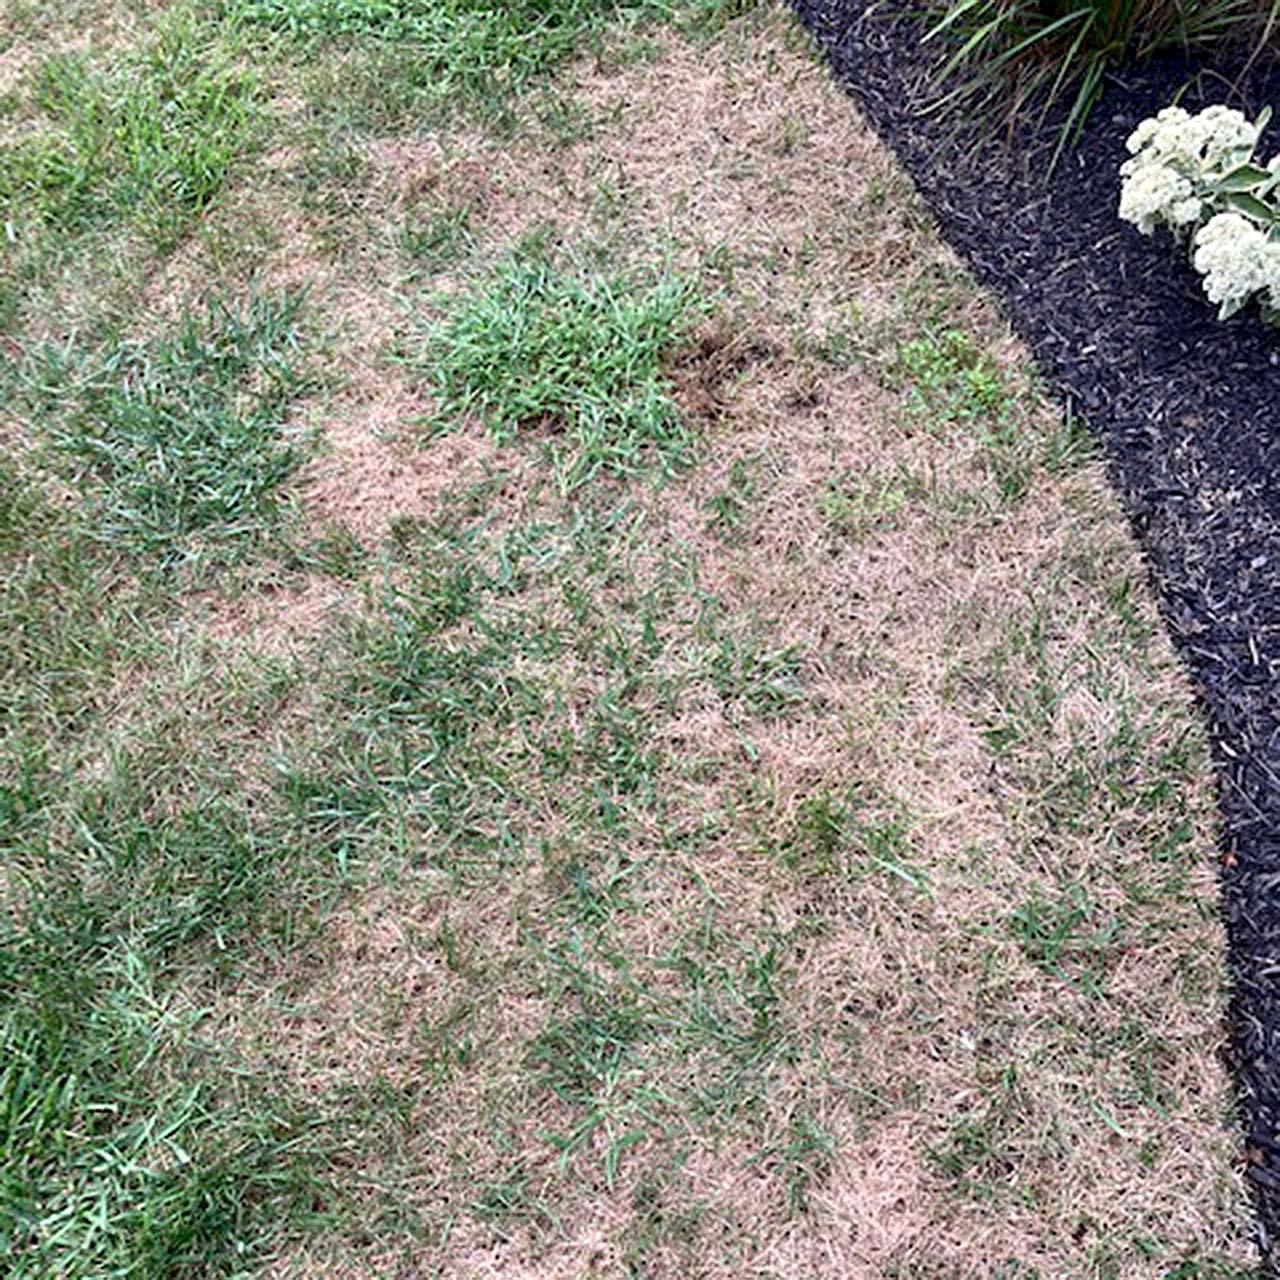 Armyworm Damage Lawn